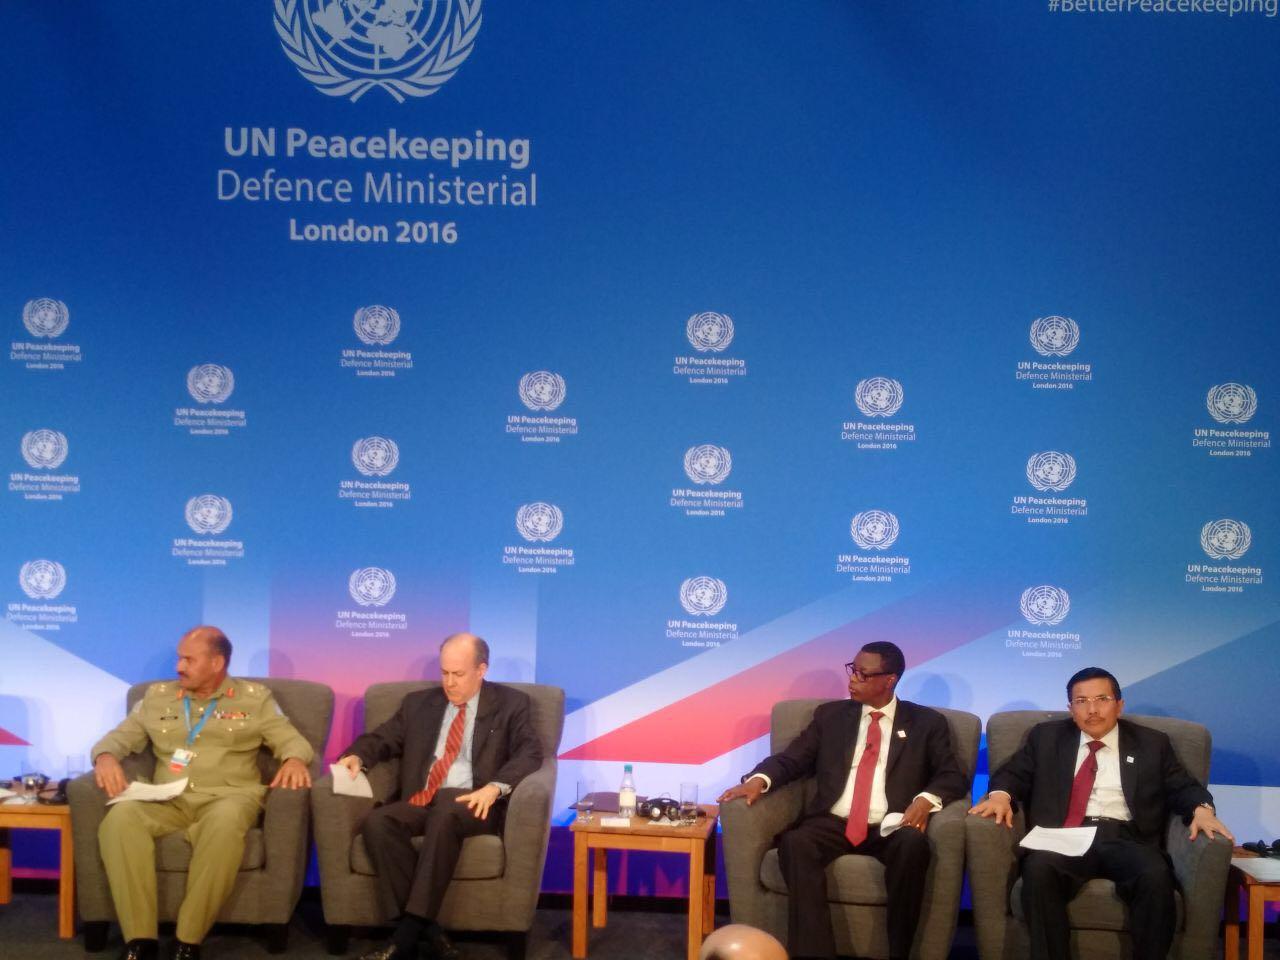 Indonesia Kembali Tegaskan Komitmen Terhadap Misi Pemeliharaan Perdamaian PBB